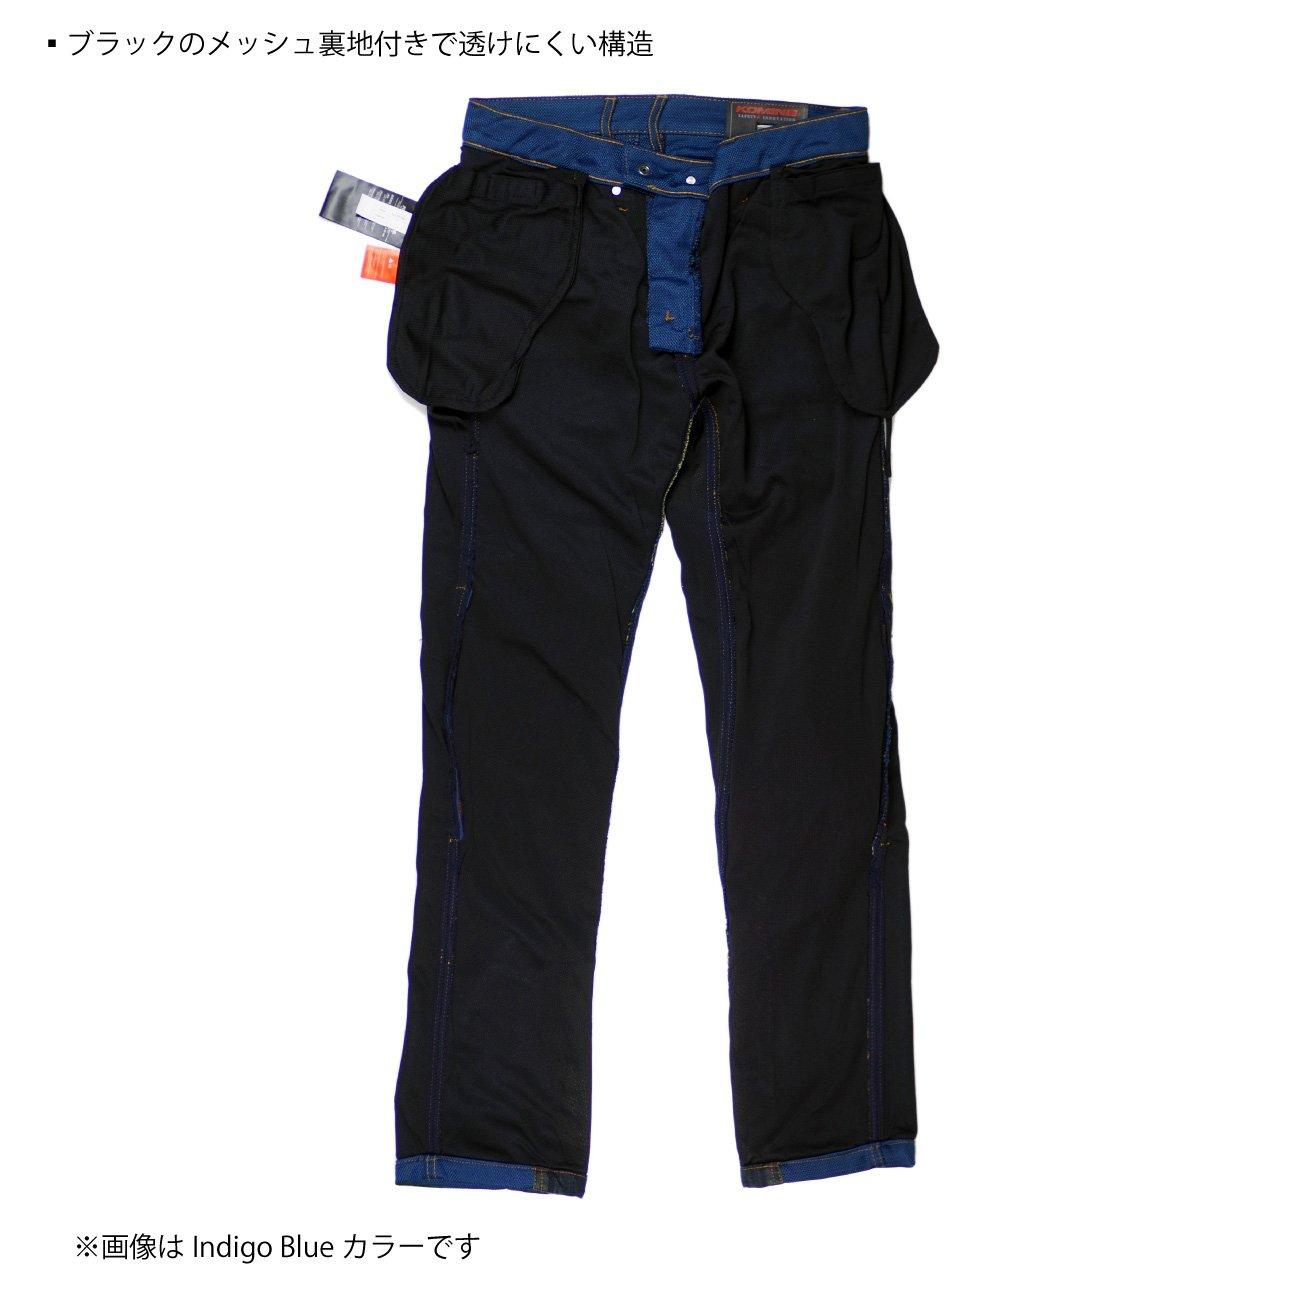 ライディングメッシュジーンズ サイズ:3XL/ コミネ 38 デニムパンツ・ジーンズ WJ-740R KOMINE